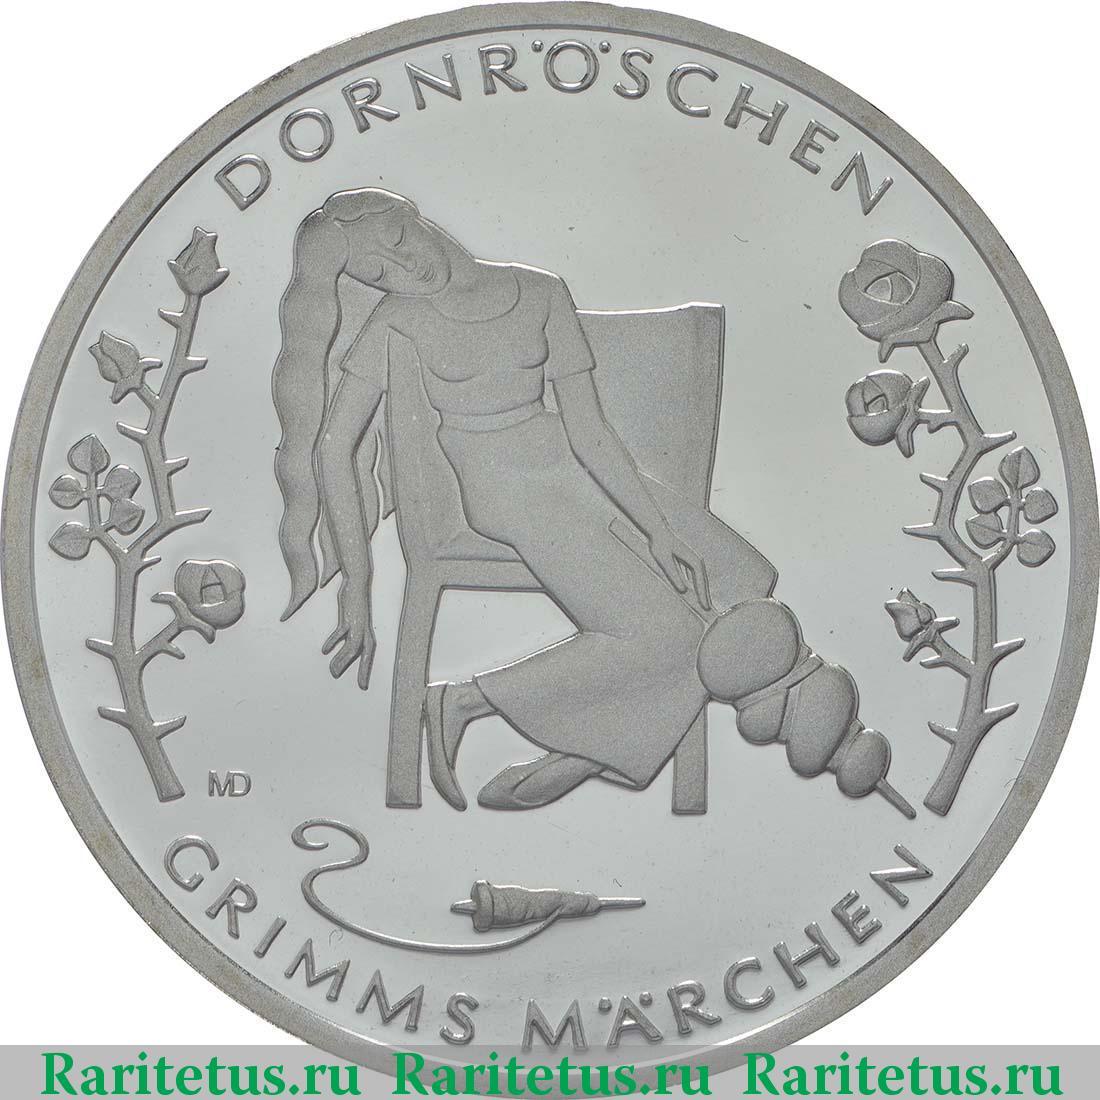 Спящая красавица германия купить монеты олимпиада сочи 2014 в сбербанке